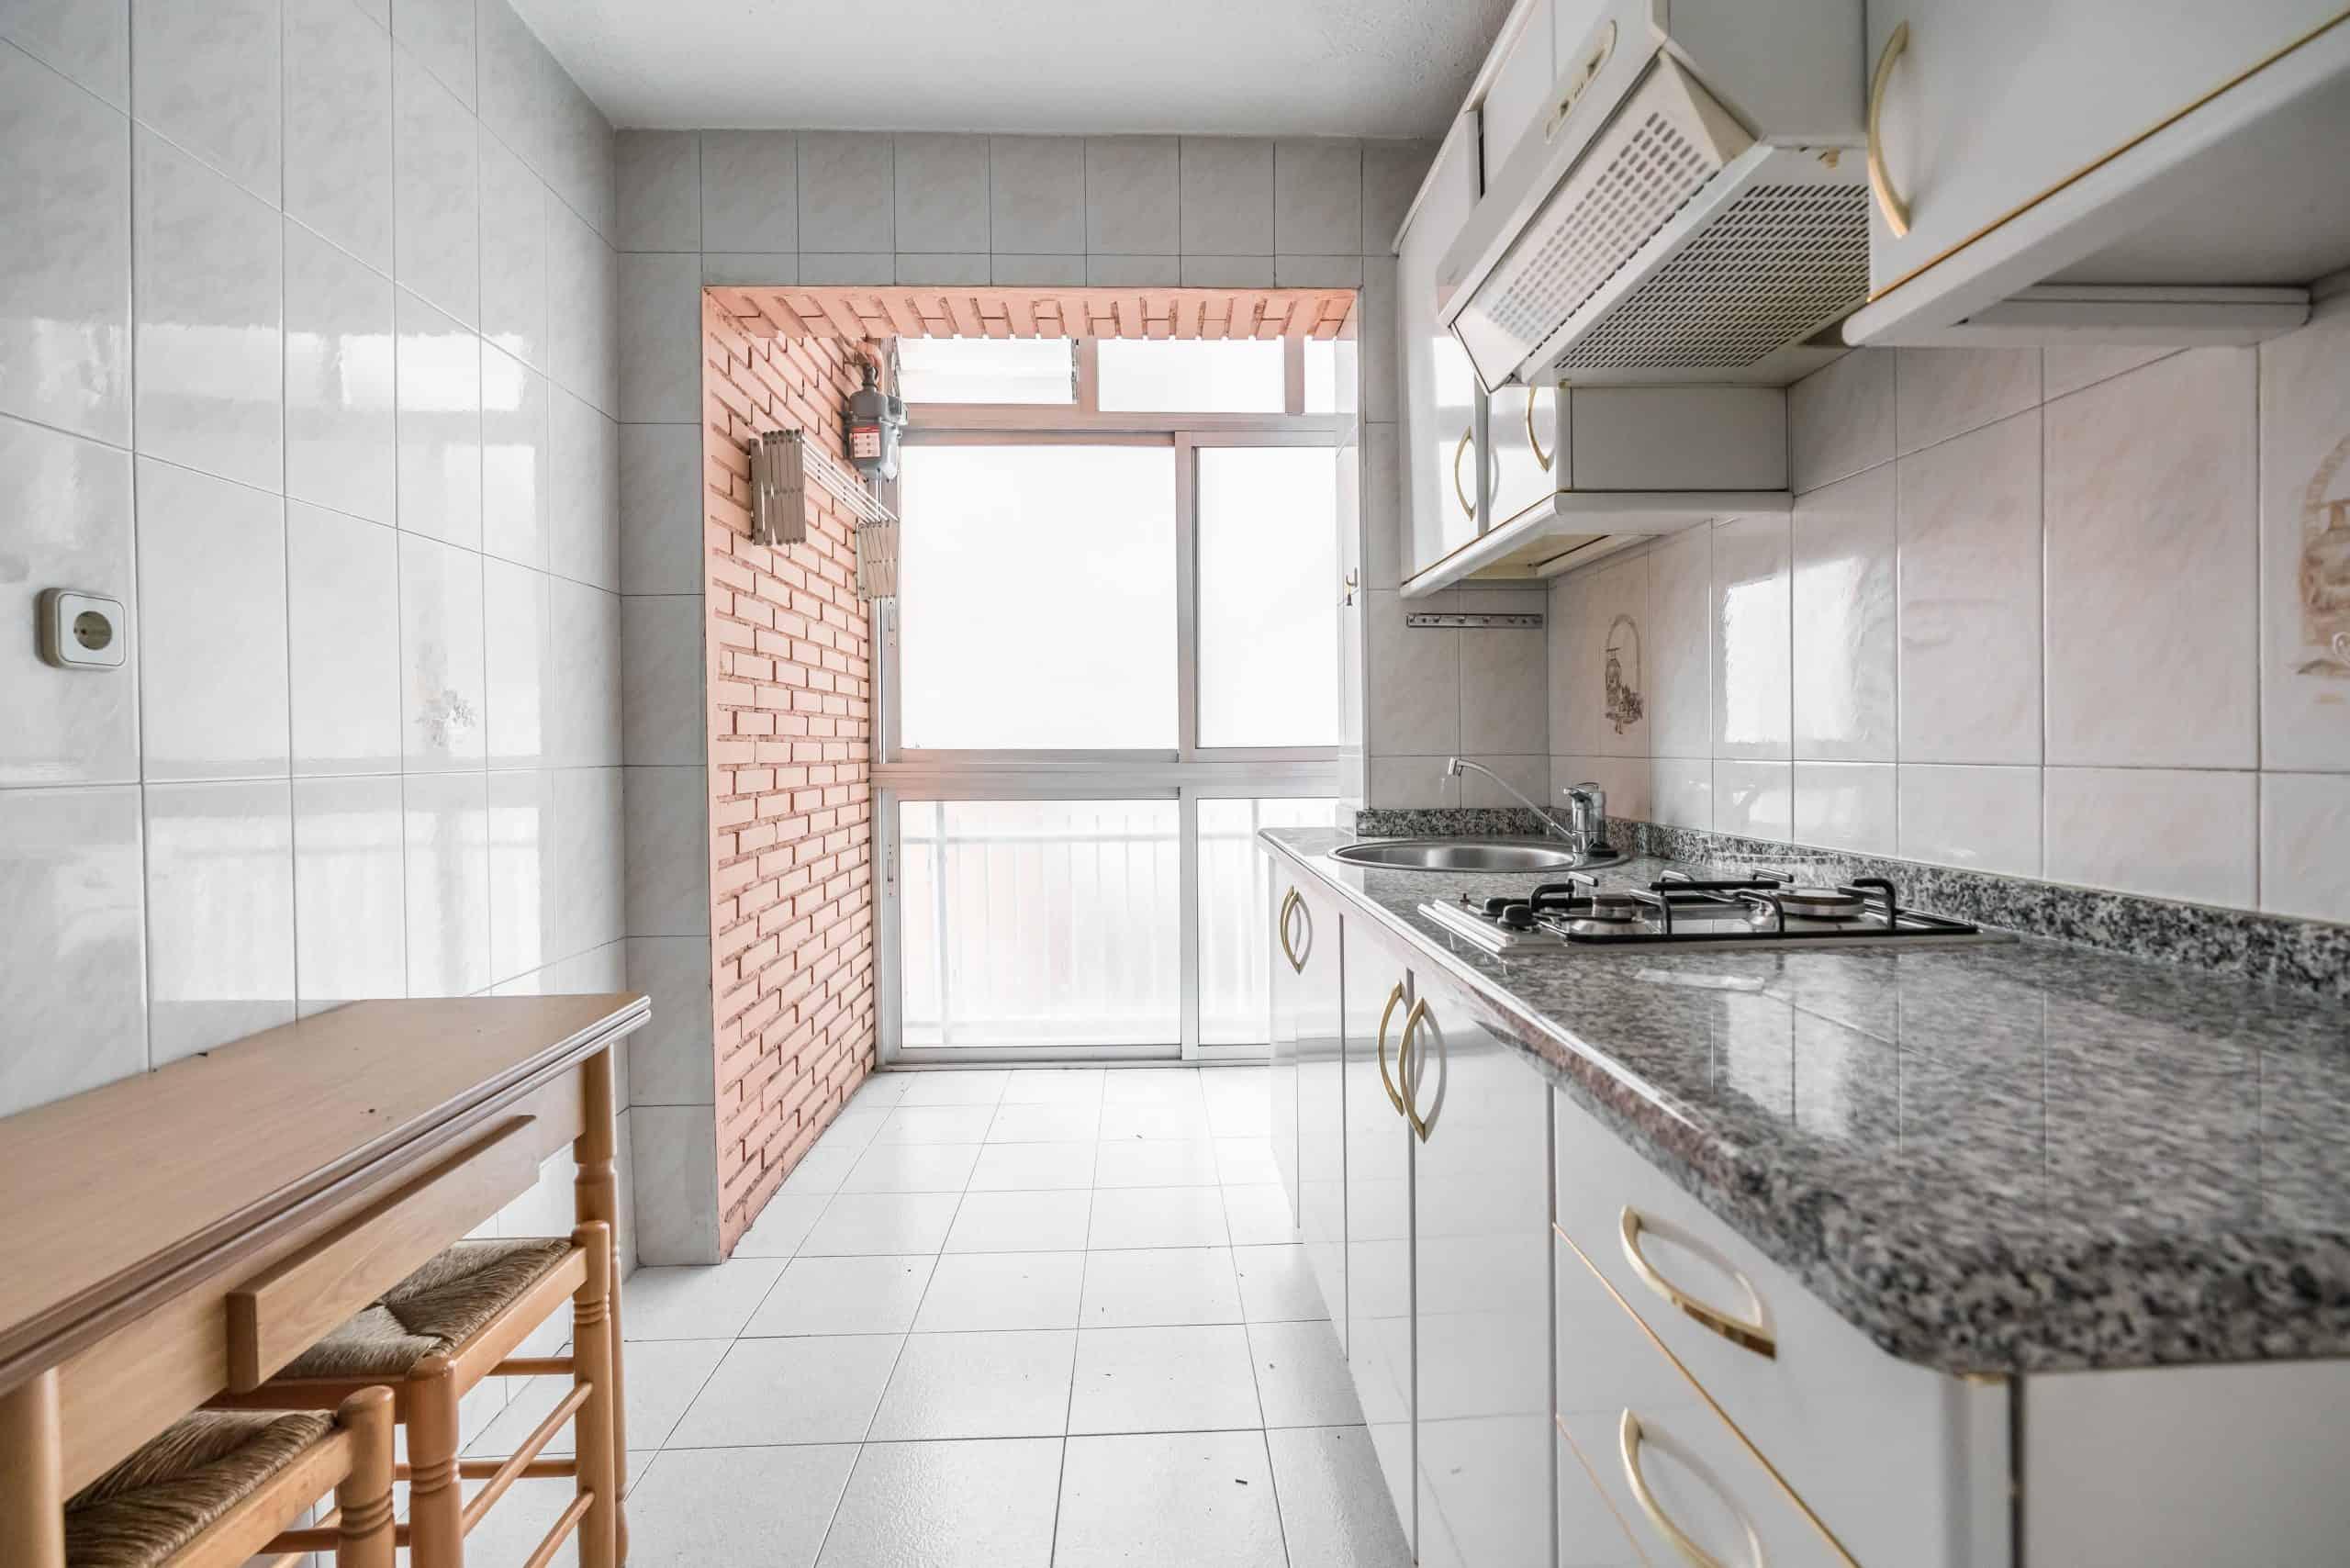 Agencia Inmobiliaria de Madrid-FUTUROCASA-Zona ARGANZUELA-LEGAZPI -calle Jaime Conquistador 48- Cocina 2